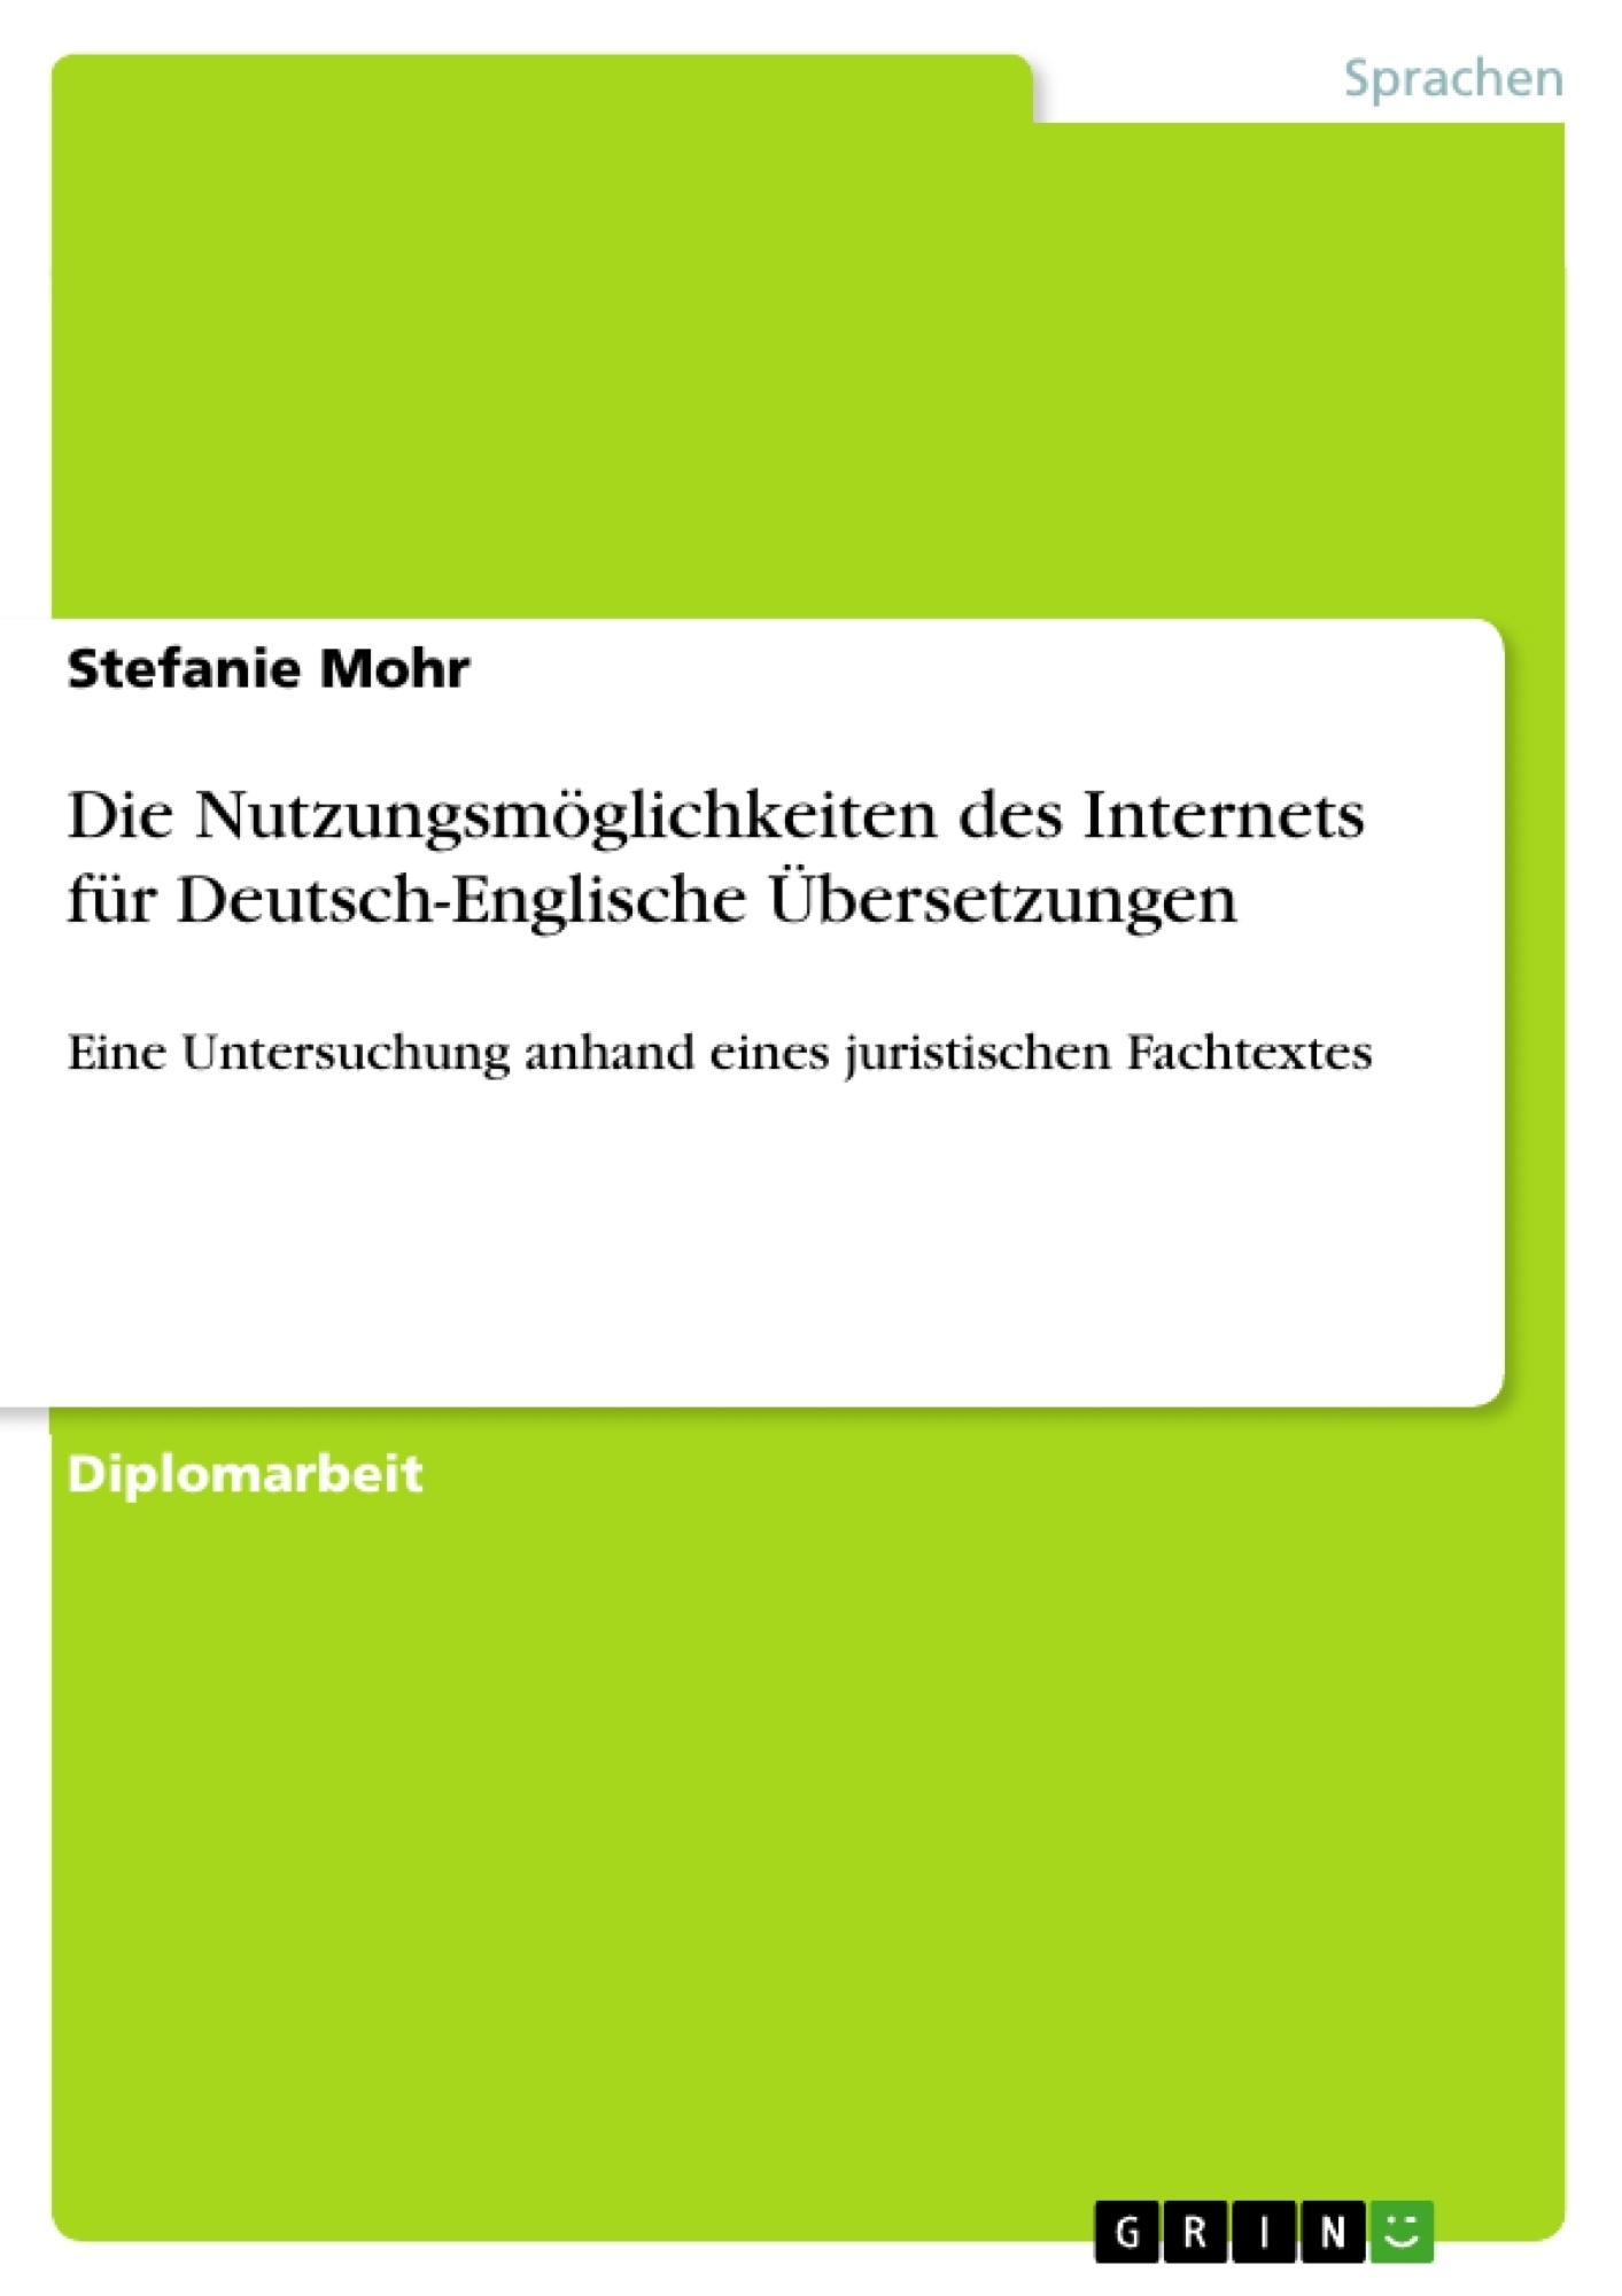 Titel: Die Nutzungsmöglichkeiten des Internets für Deutsch-Englische Übersetzungen